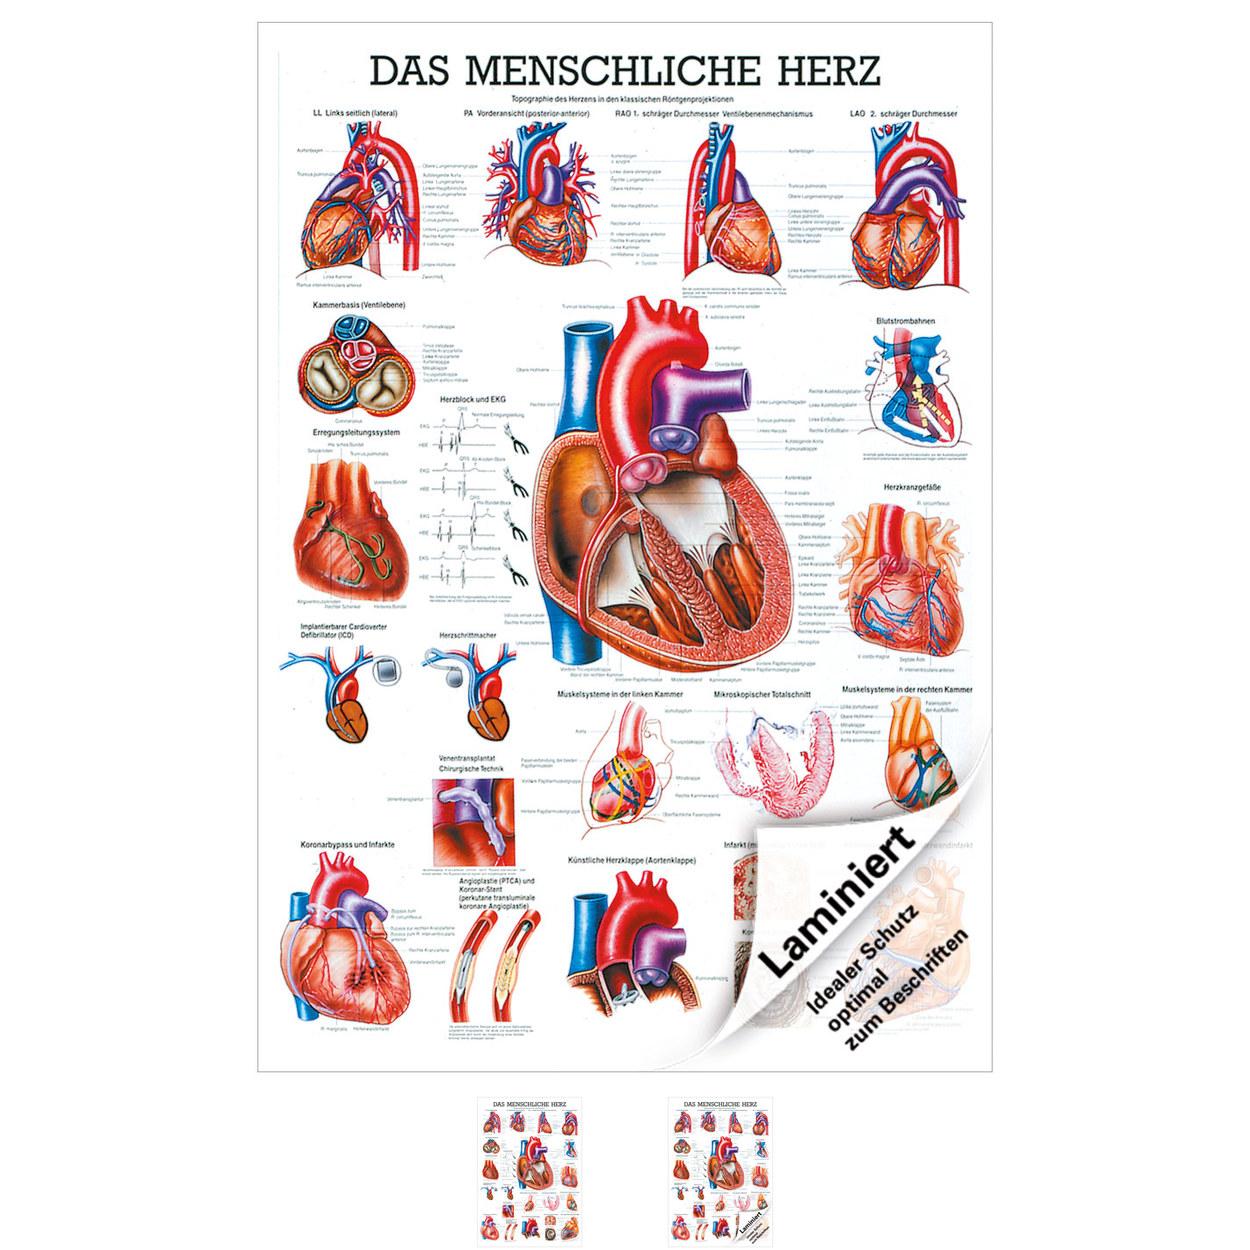 Das Herz Mini-Poster Anatomie 34x24 cm medizinische Lehrmittel | eBay